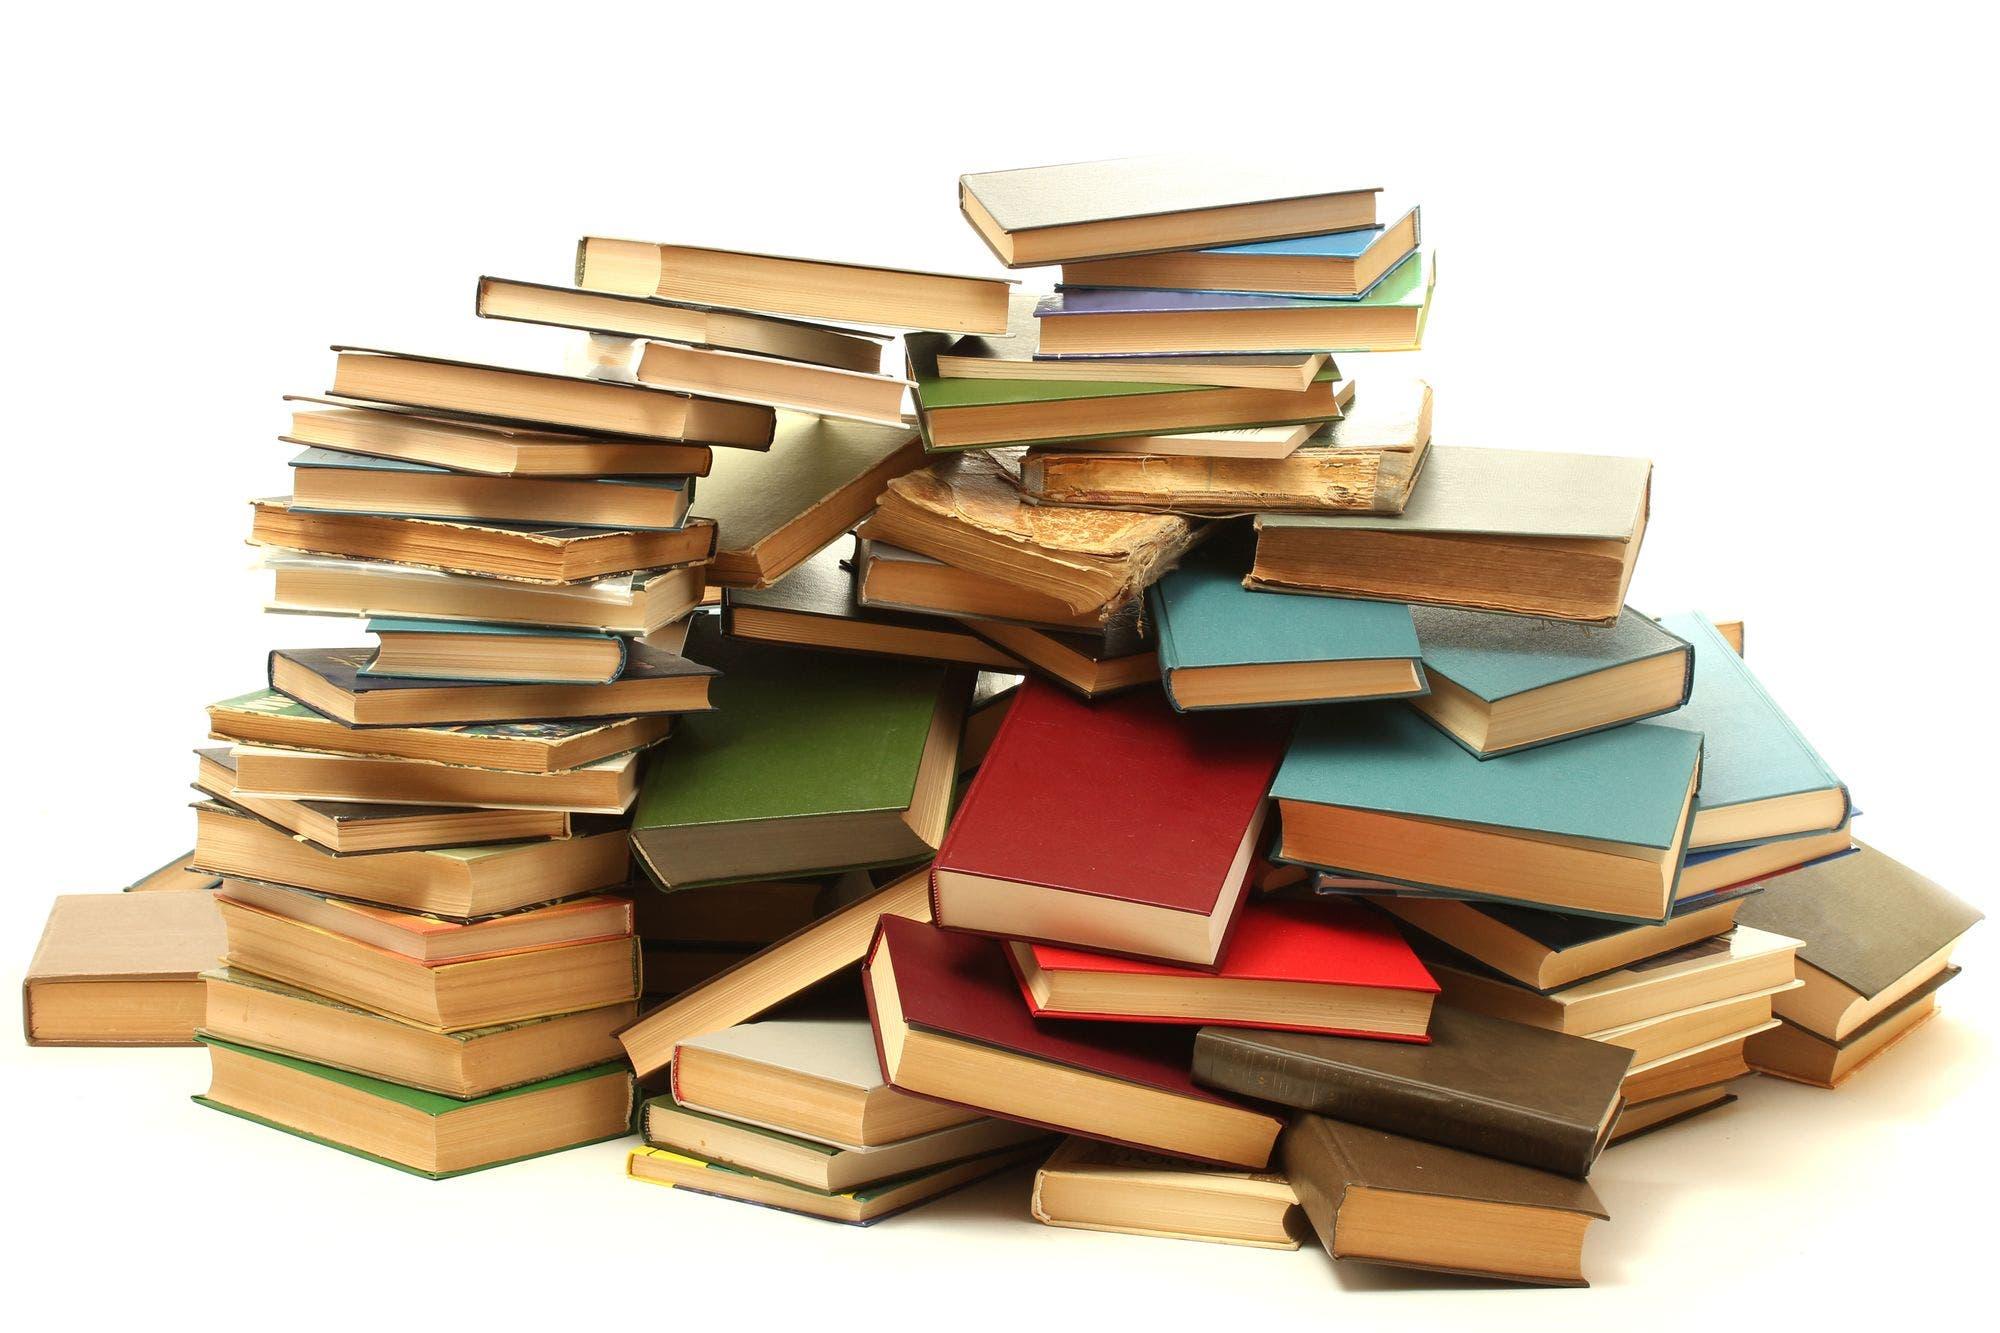 Cuatro editoriales denuncian al Internet Archive por publicar libros gratis por la Covid-19